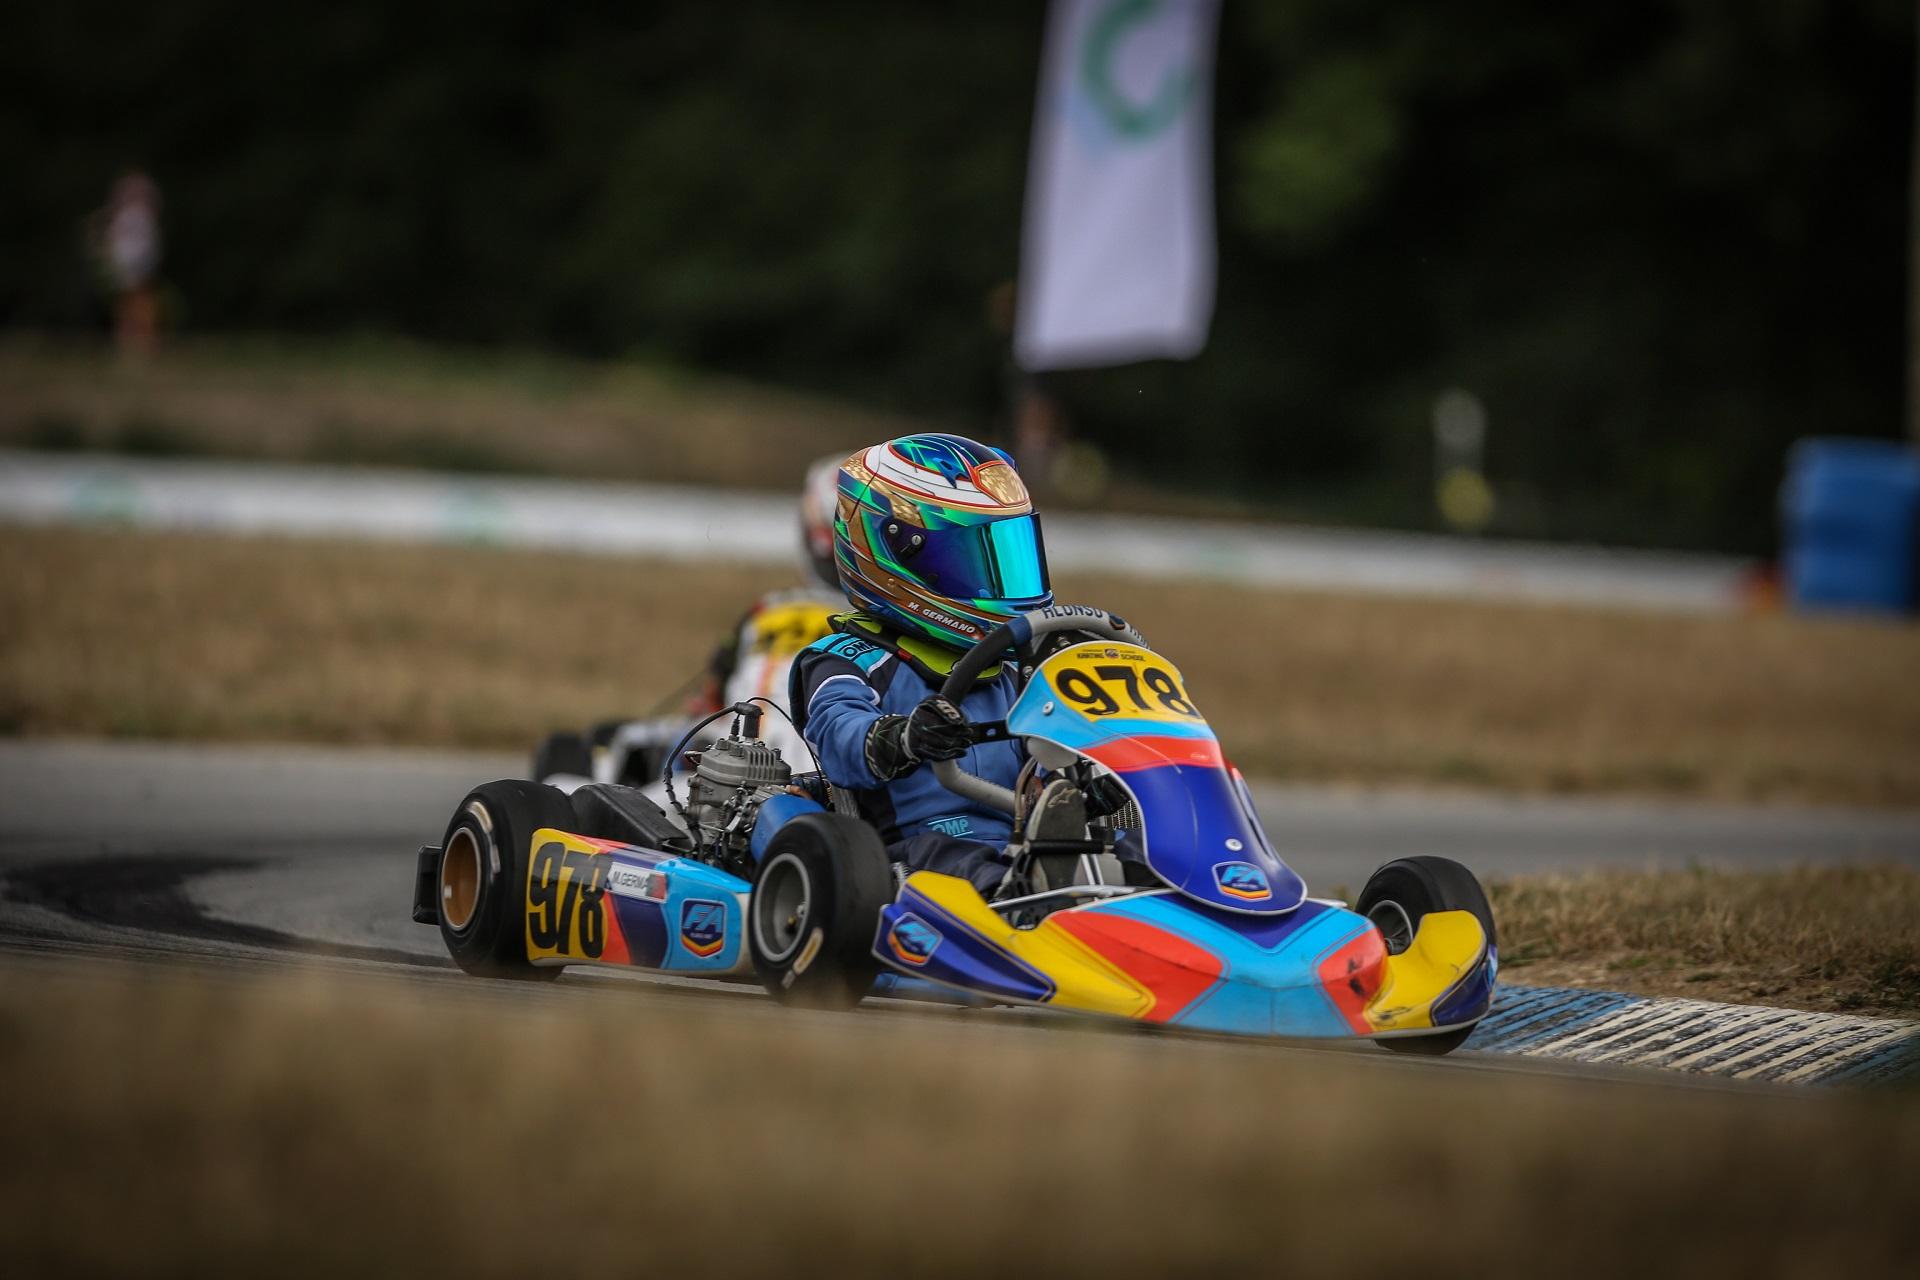 Maria Germano Neto garante em França 17.ª posição no Europeu de Karting Iame